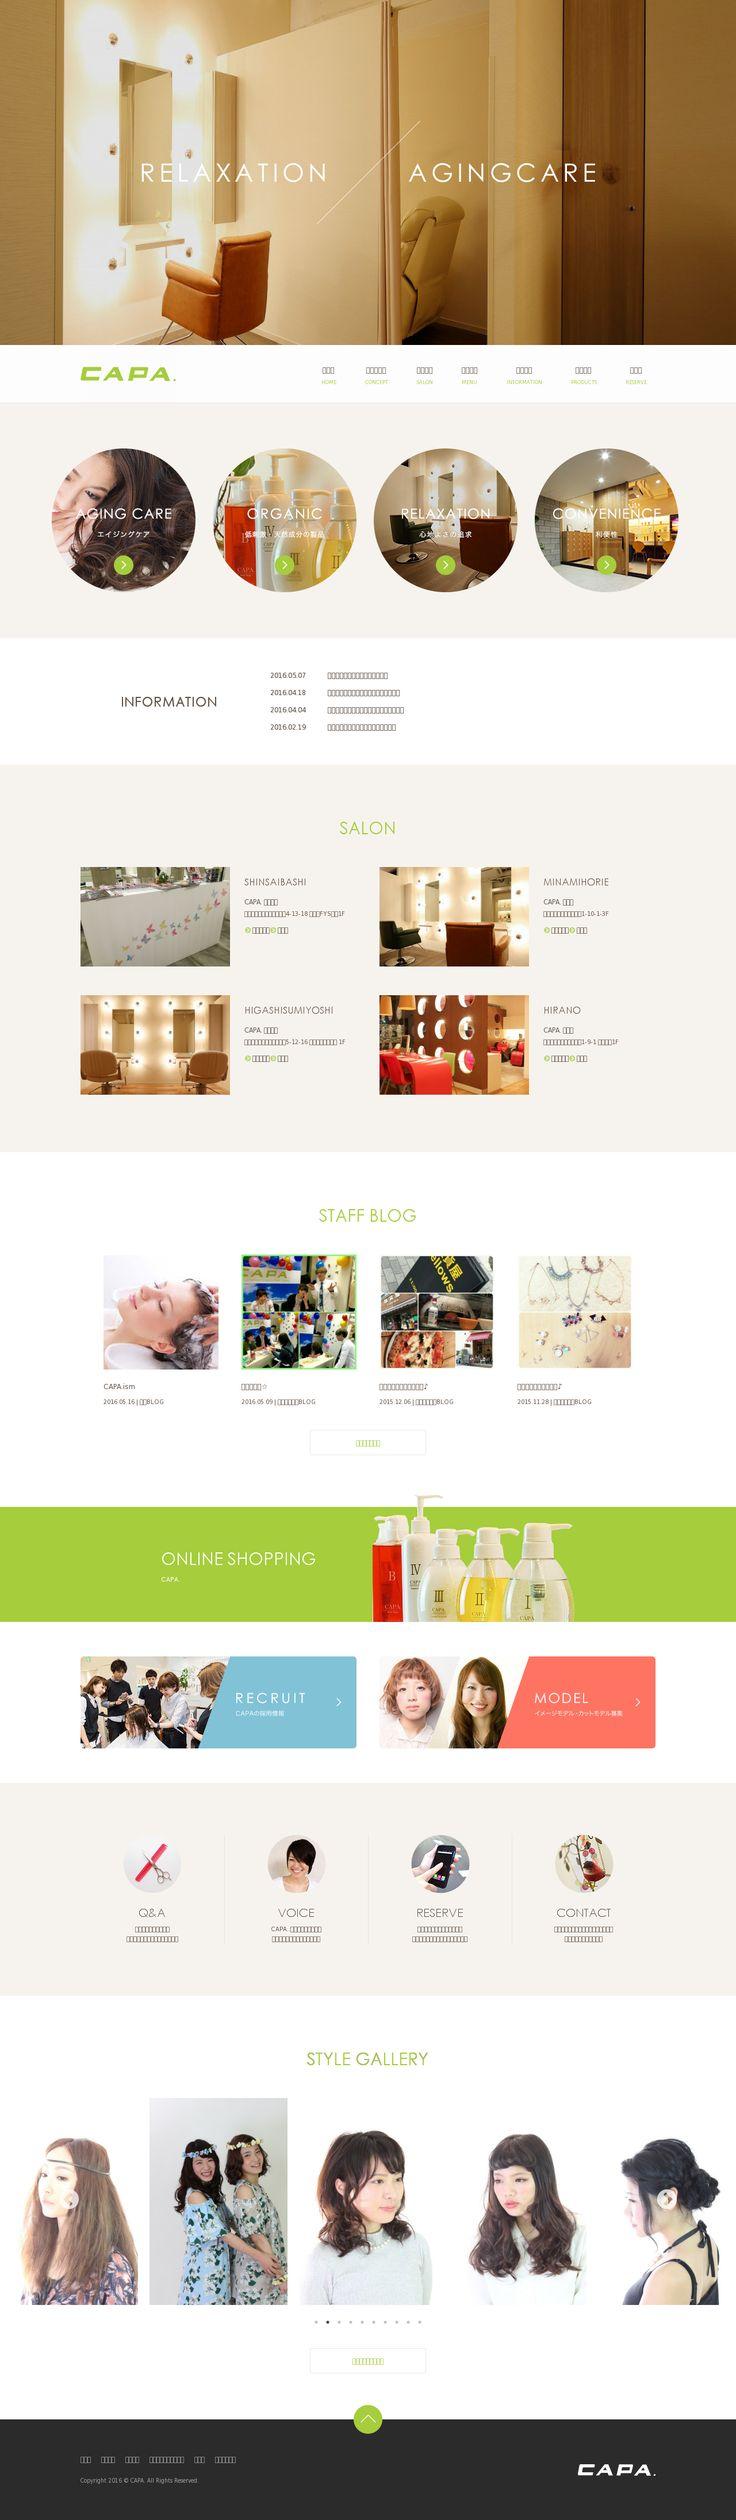 美容室・WEBサイト・ホームページ・デザイン・レシポンシブWEBデザイン・ワードプレス・ホワイト・グレー・グリーン